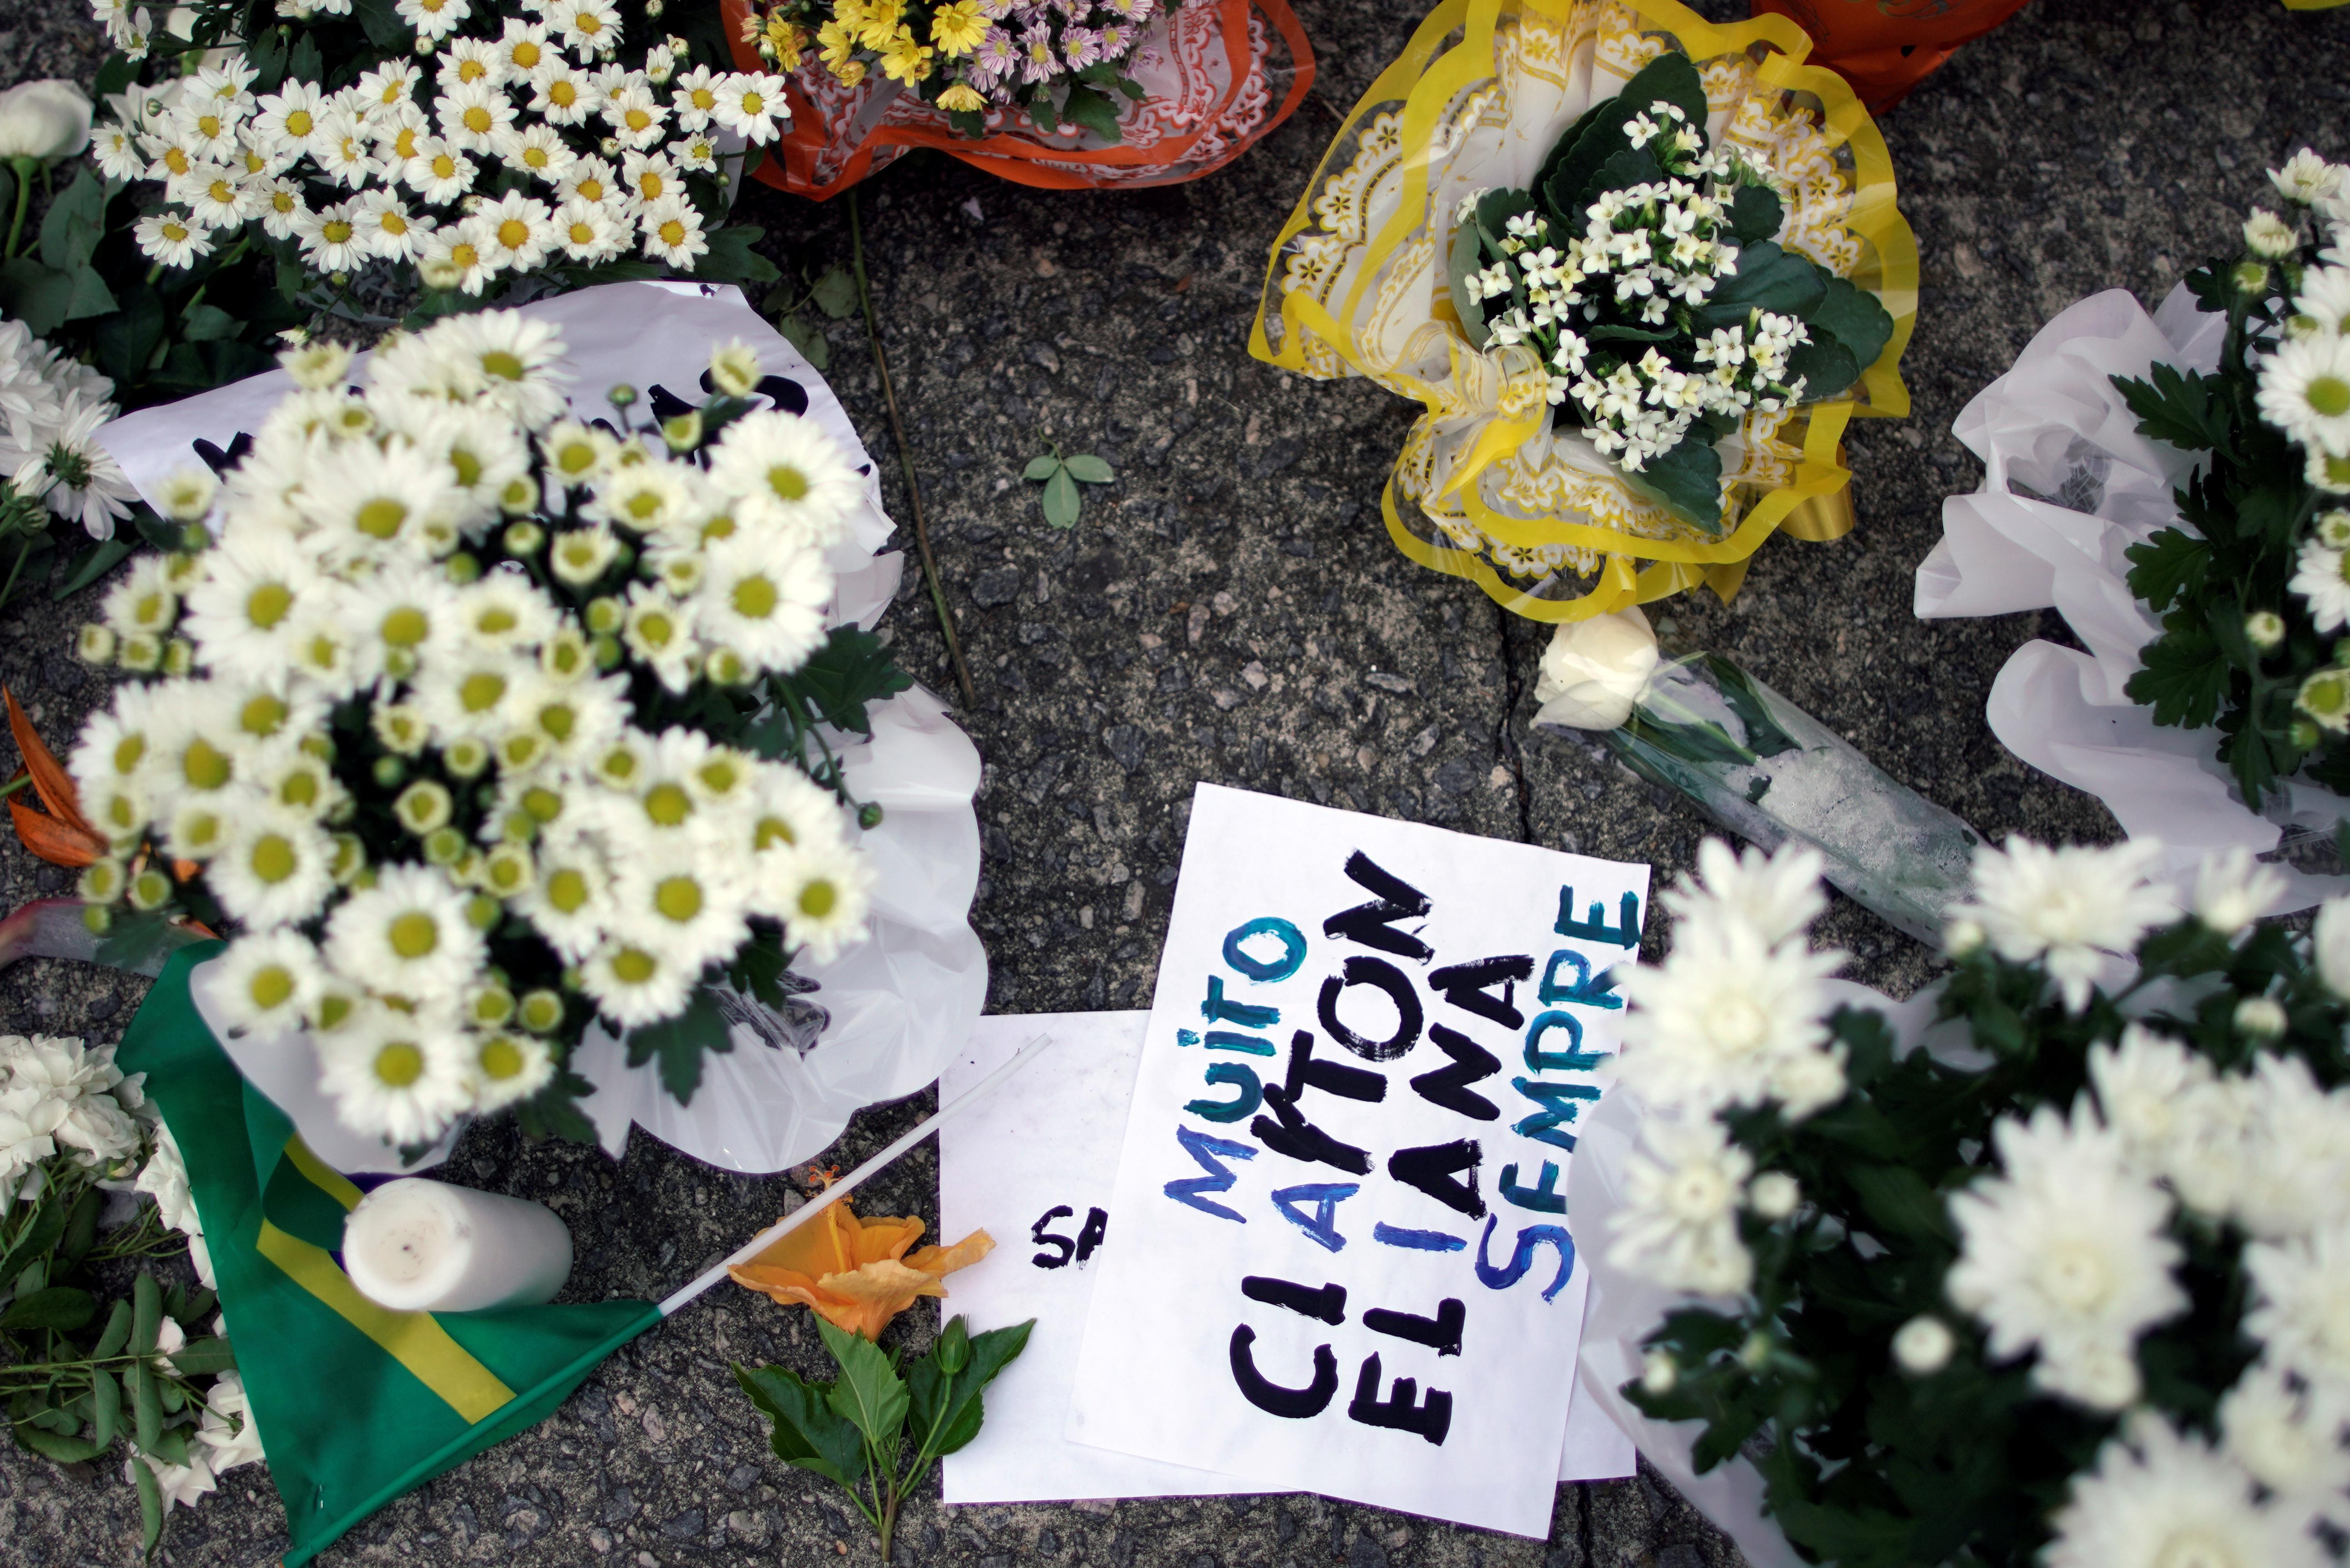 Brasil: Assassinos planearam ataque em escola durante ano e meio